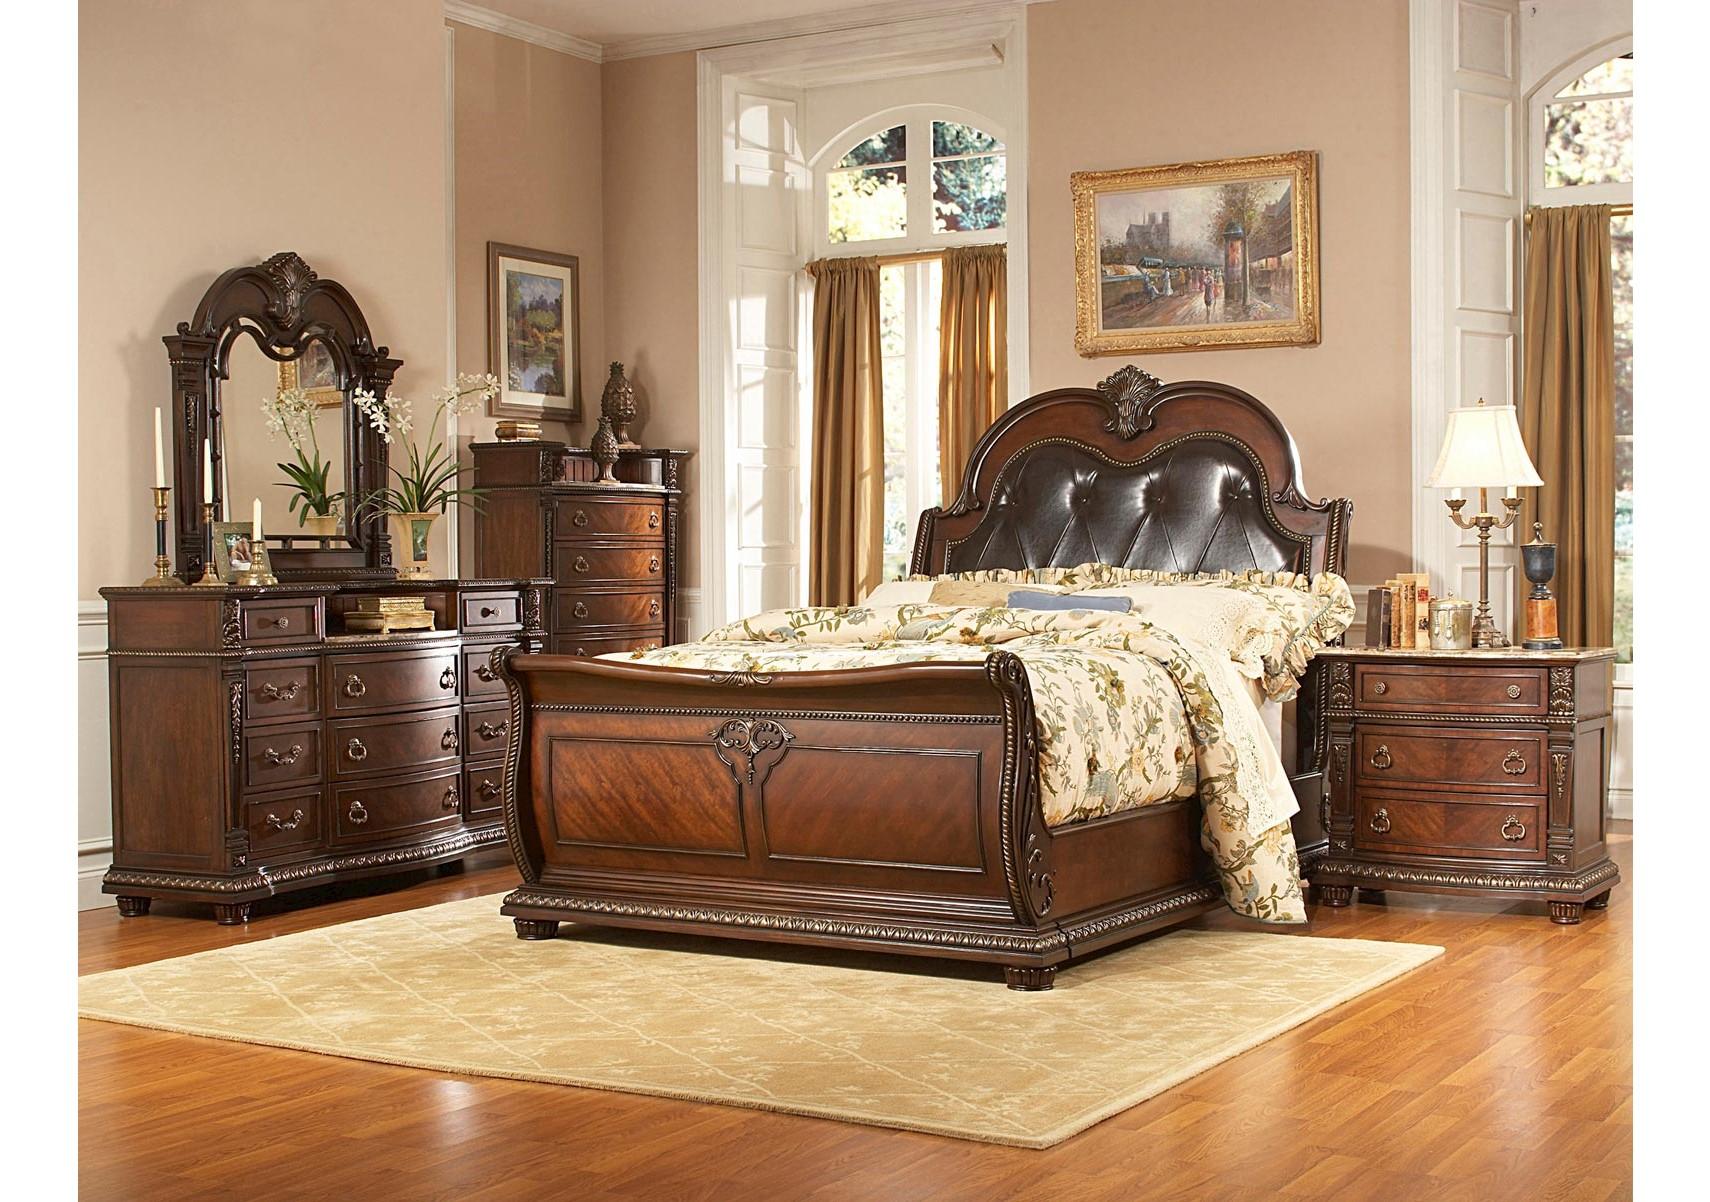 Lacks Covington 4 Pc Queen Bedroom Set